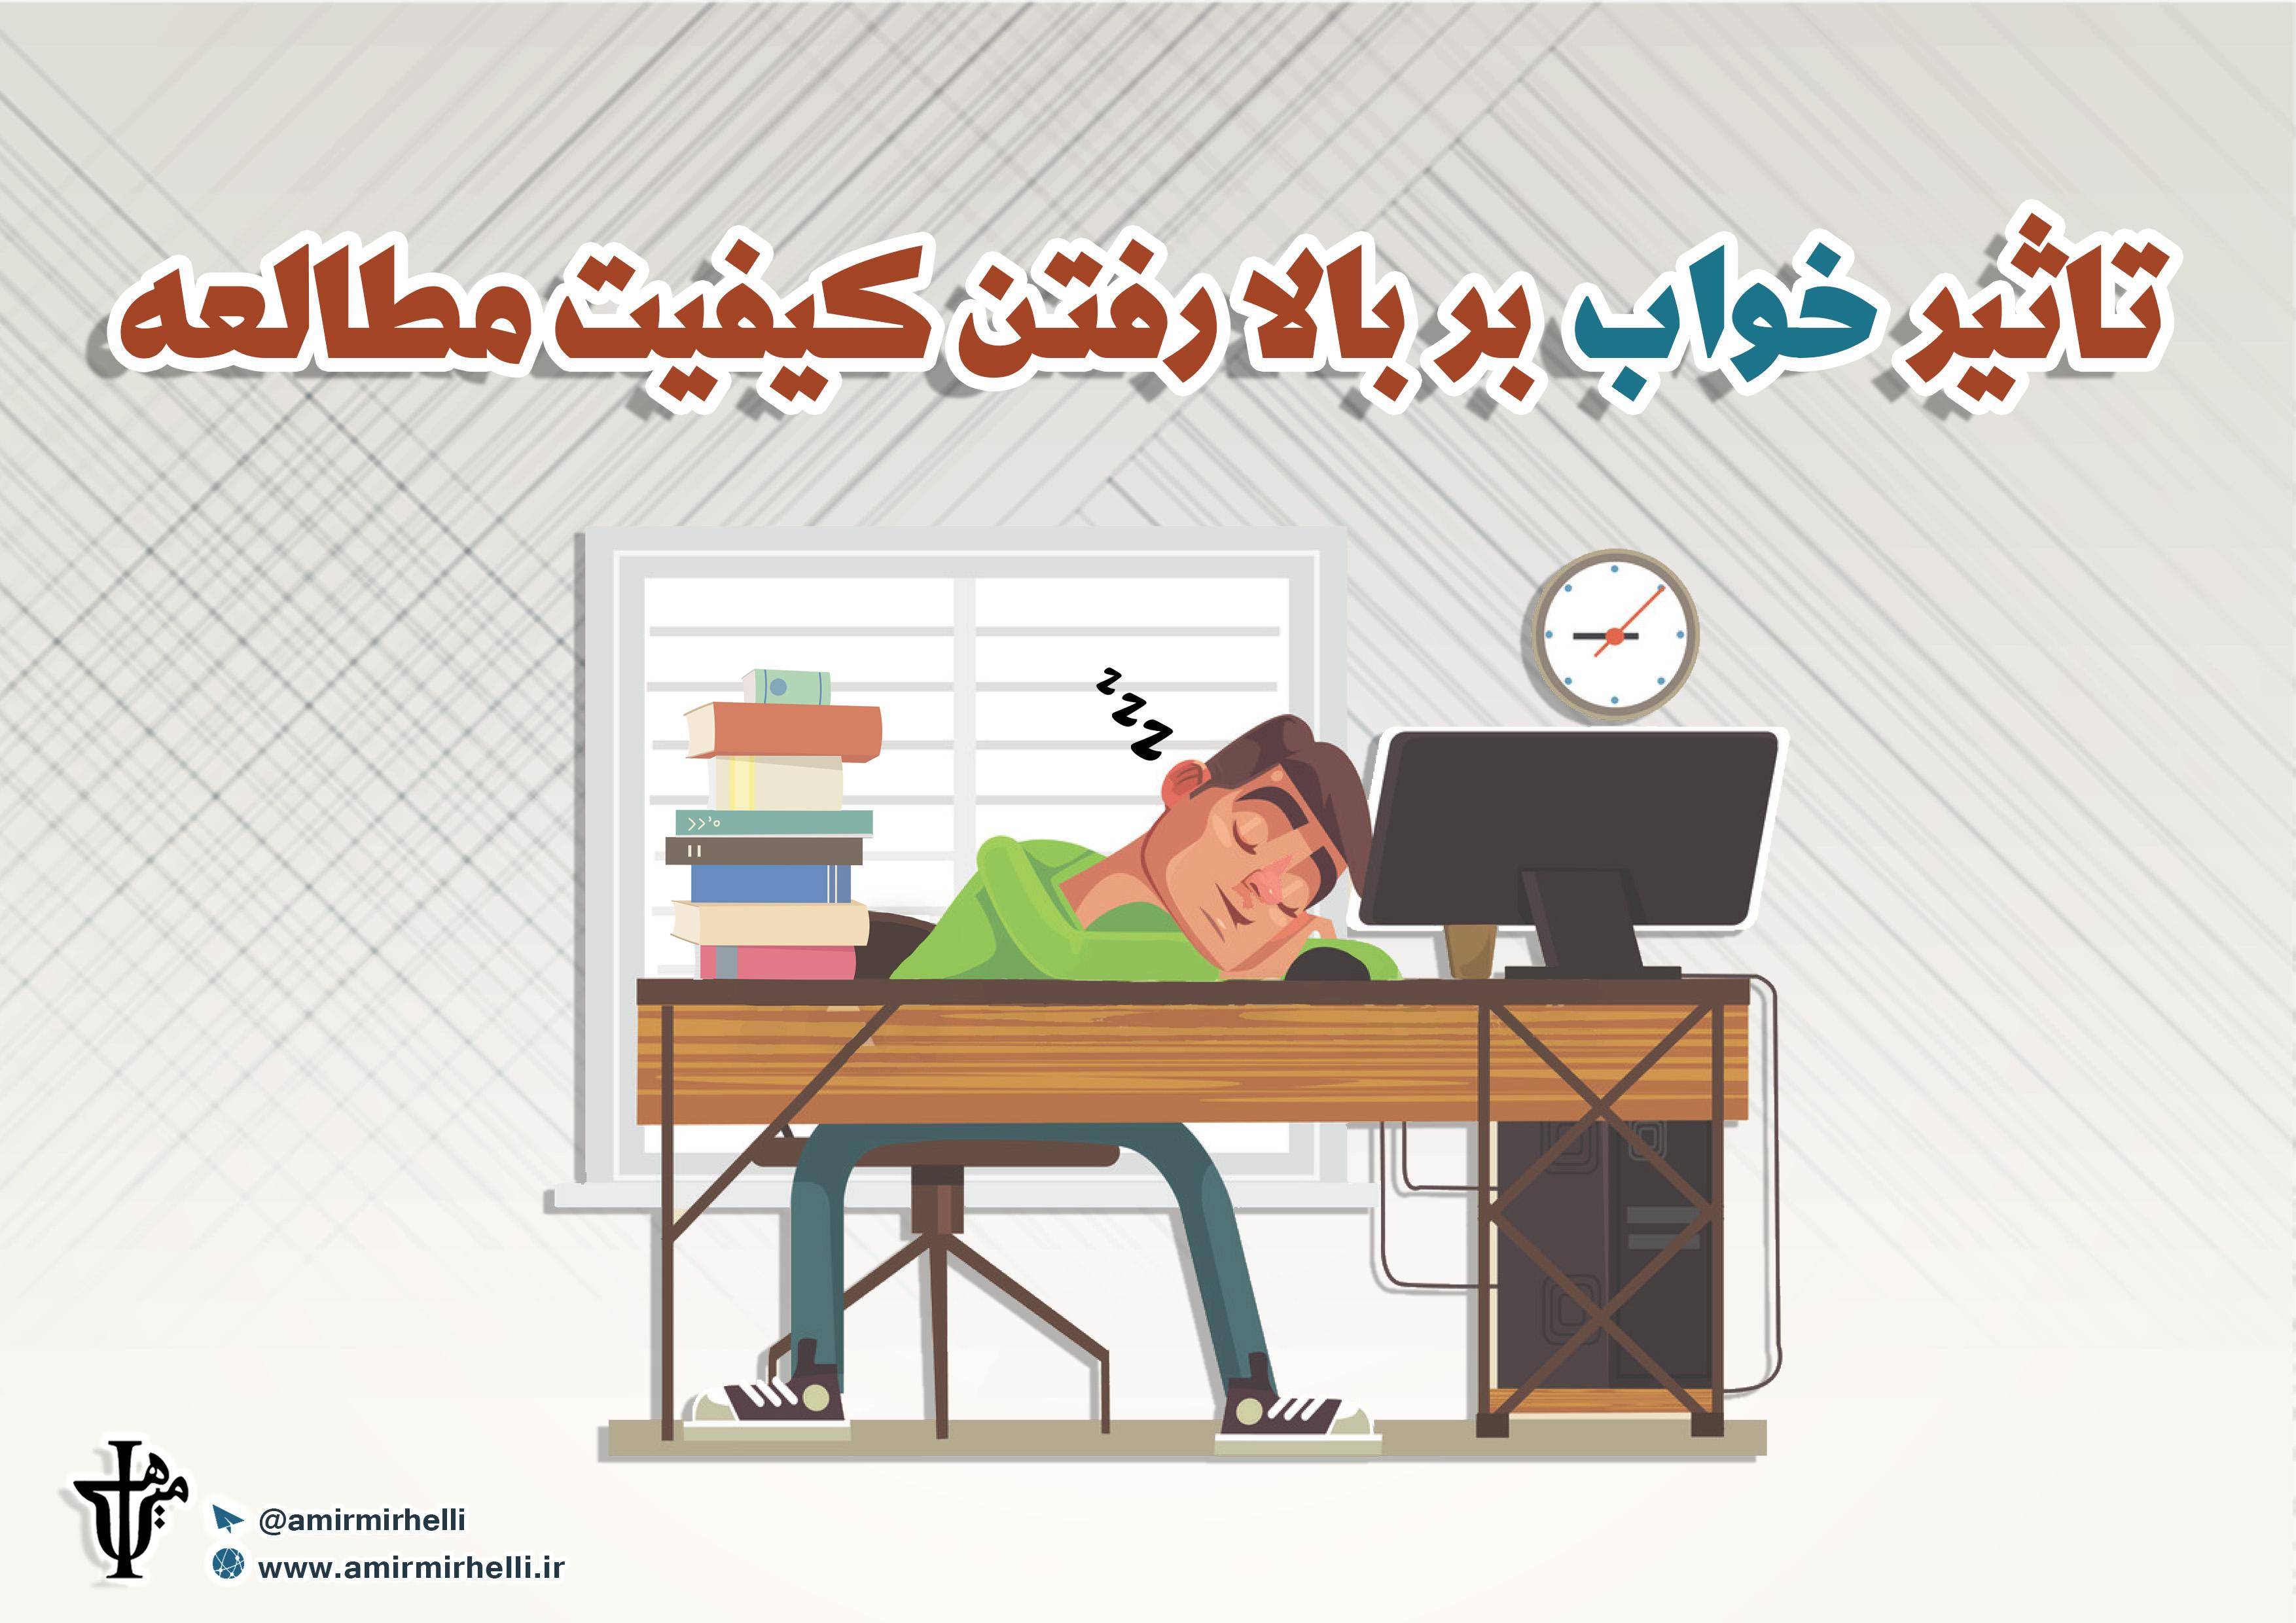 تاثیر خواب بر بالا رفتن کیفیت و کمیت مطالعه